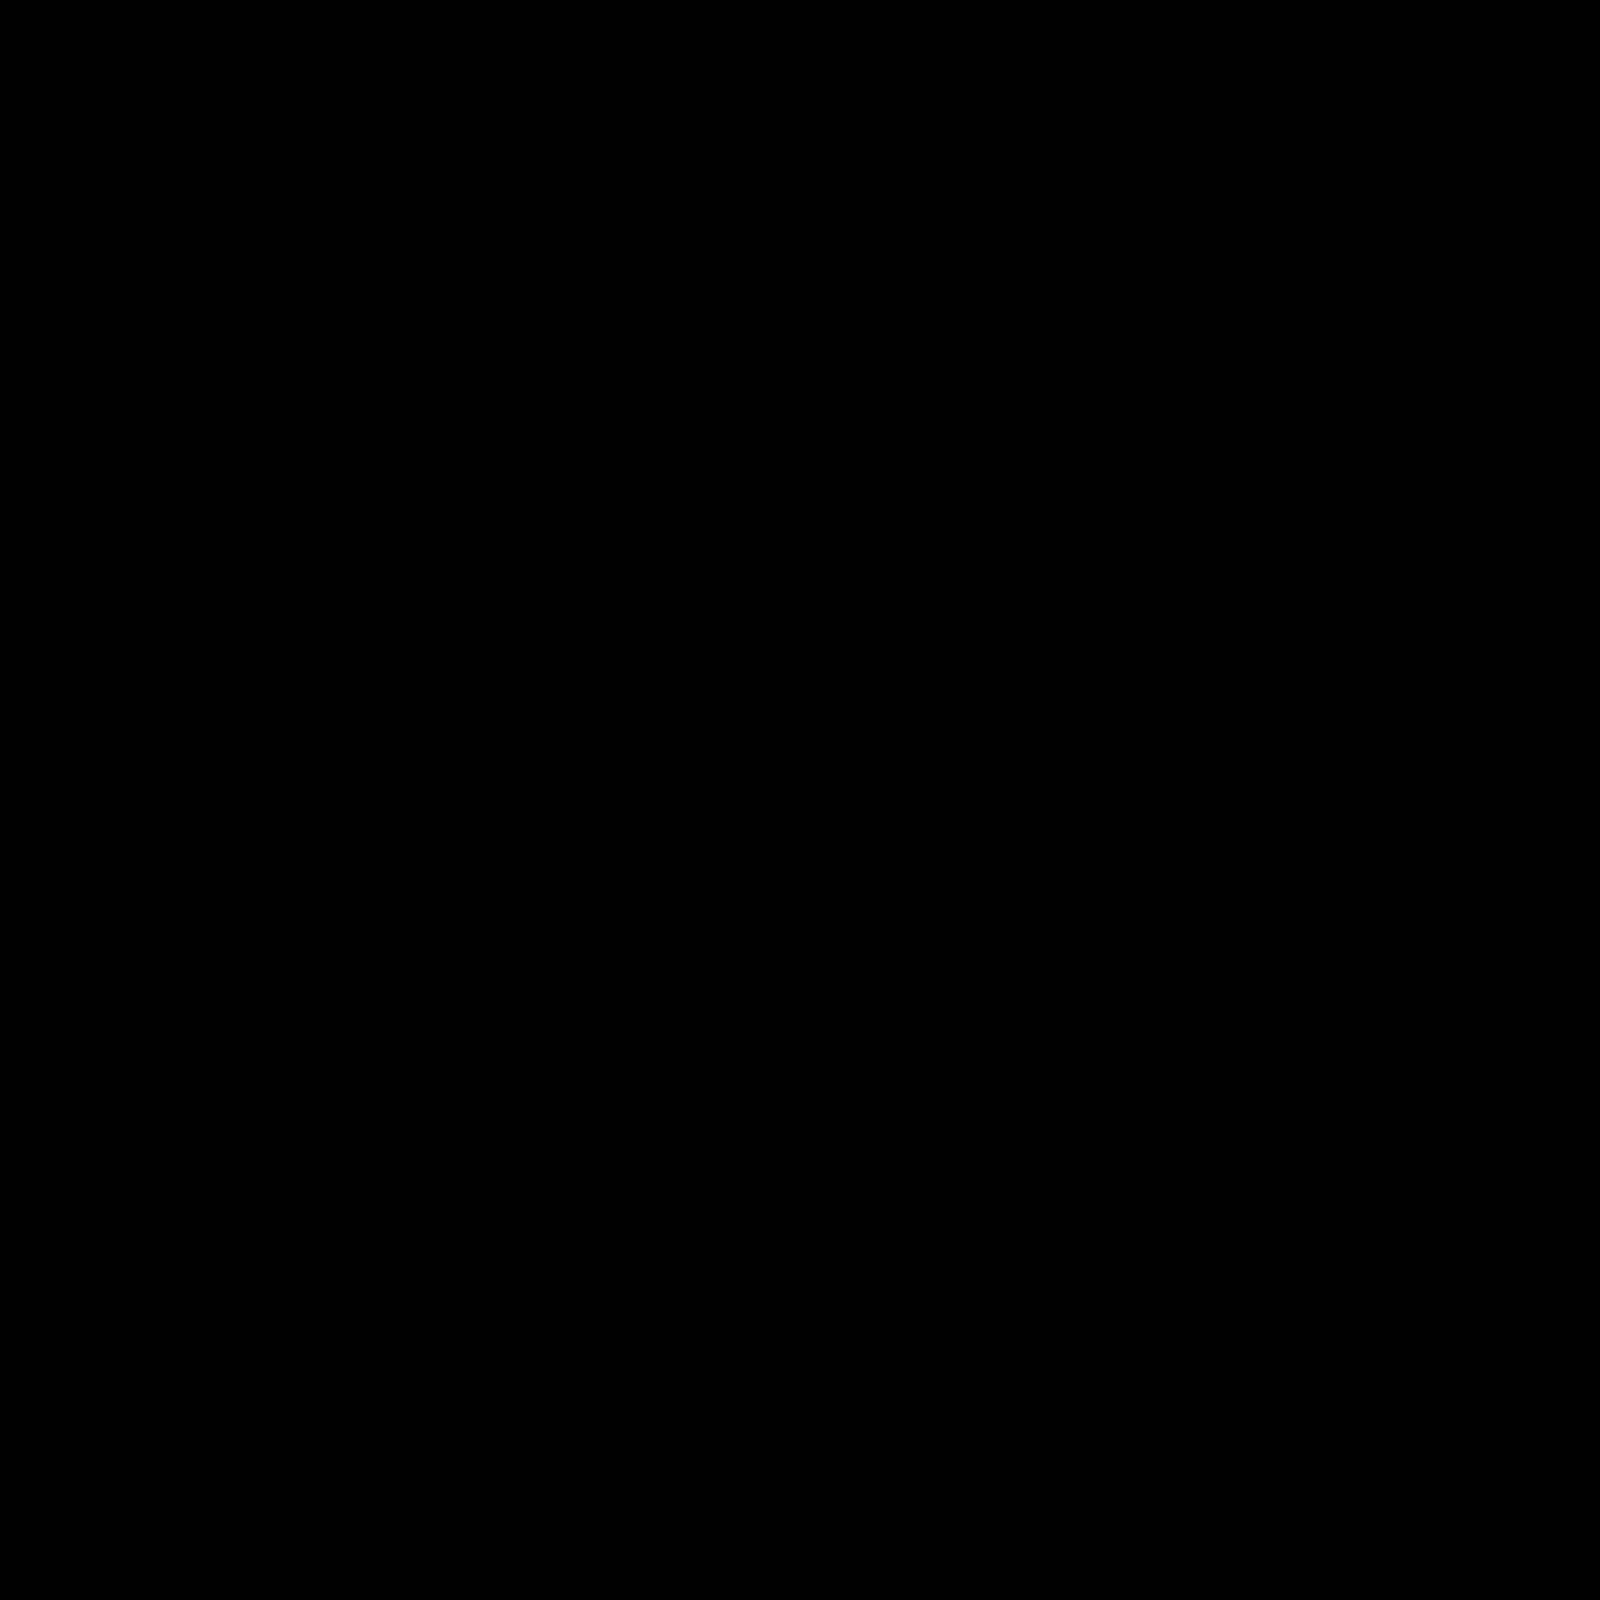 Microsoft Excel Icon.